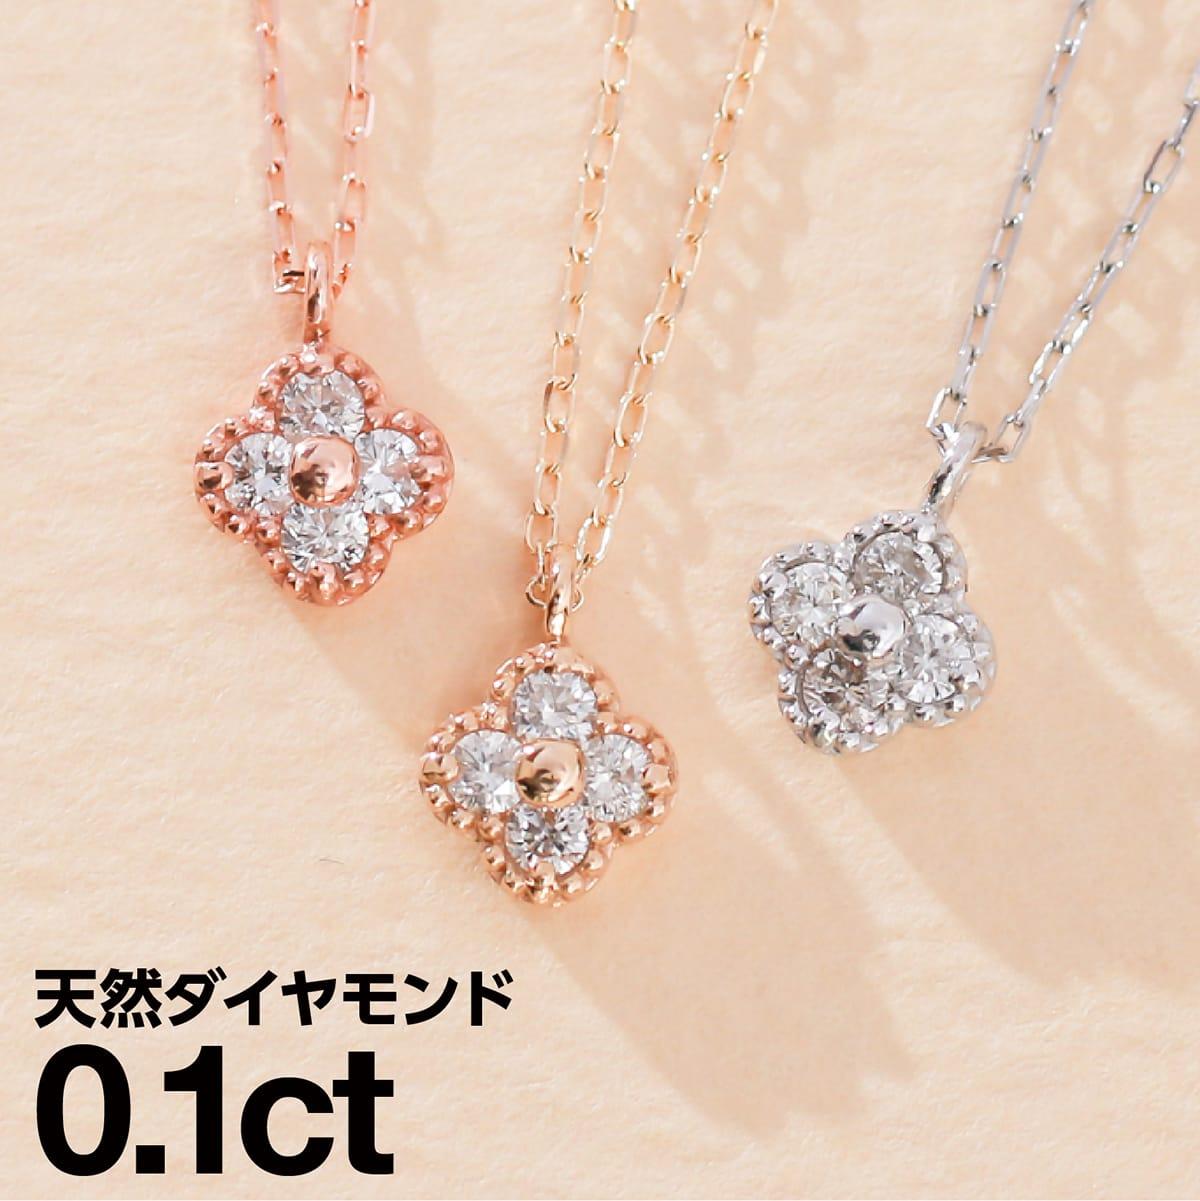 ネックレス ダイヤモンド プラチナ900 品質保証書 金属アレルギー 日本製 誕生日 ギフト